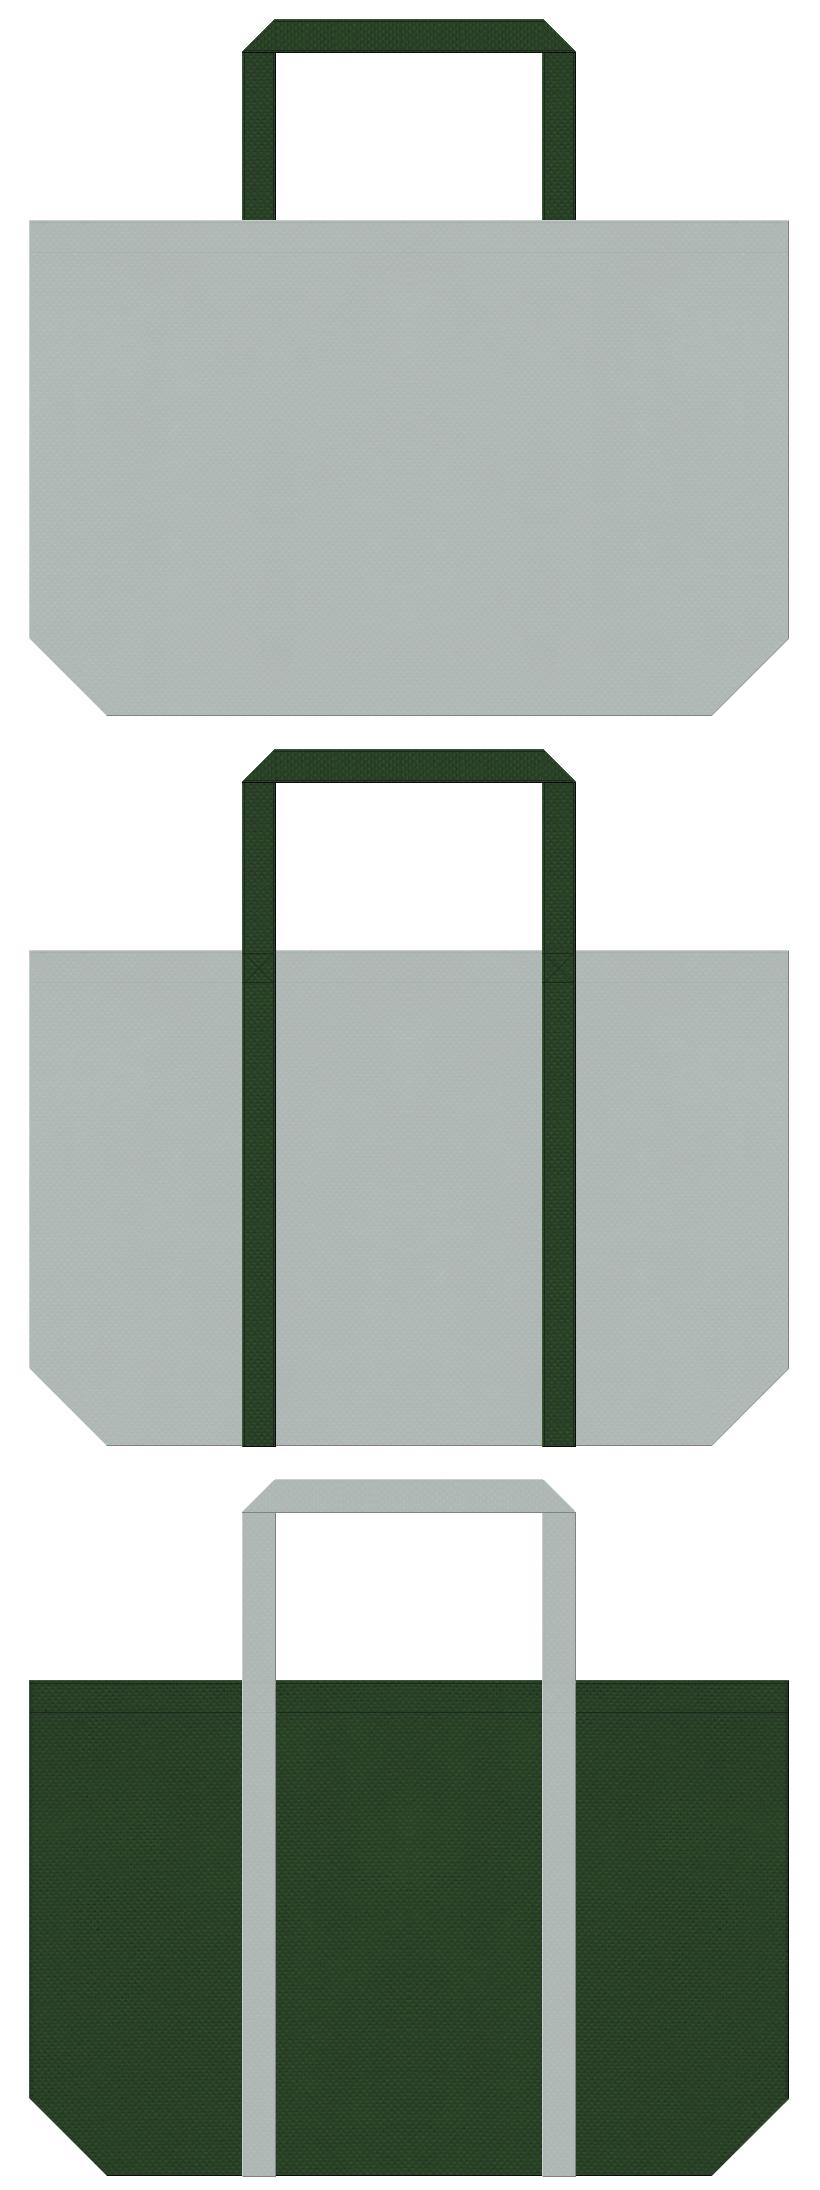 グレー色と濃緑色の不織布バッグデザイン。屋上緑化・壁面緑化の展示会用バッグにお奨めです。